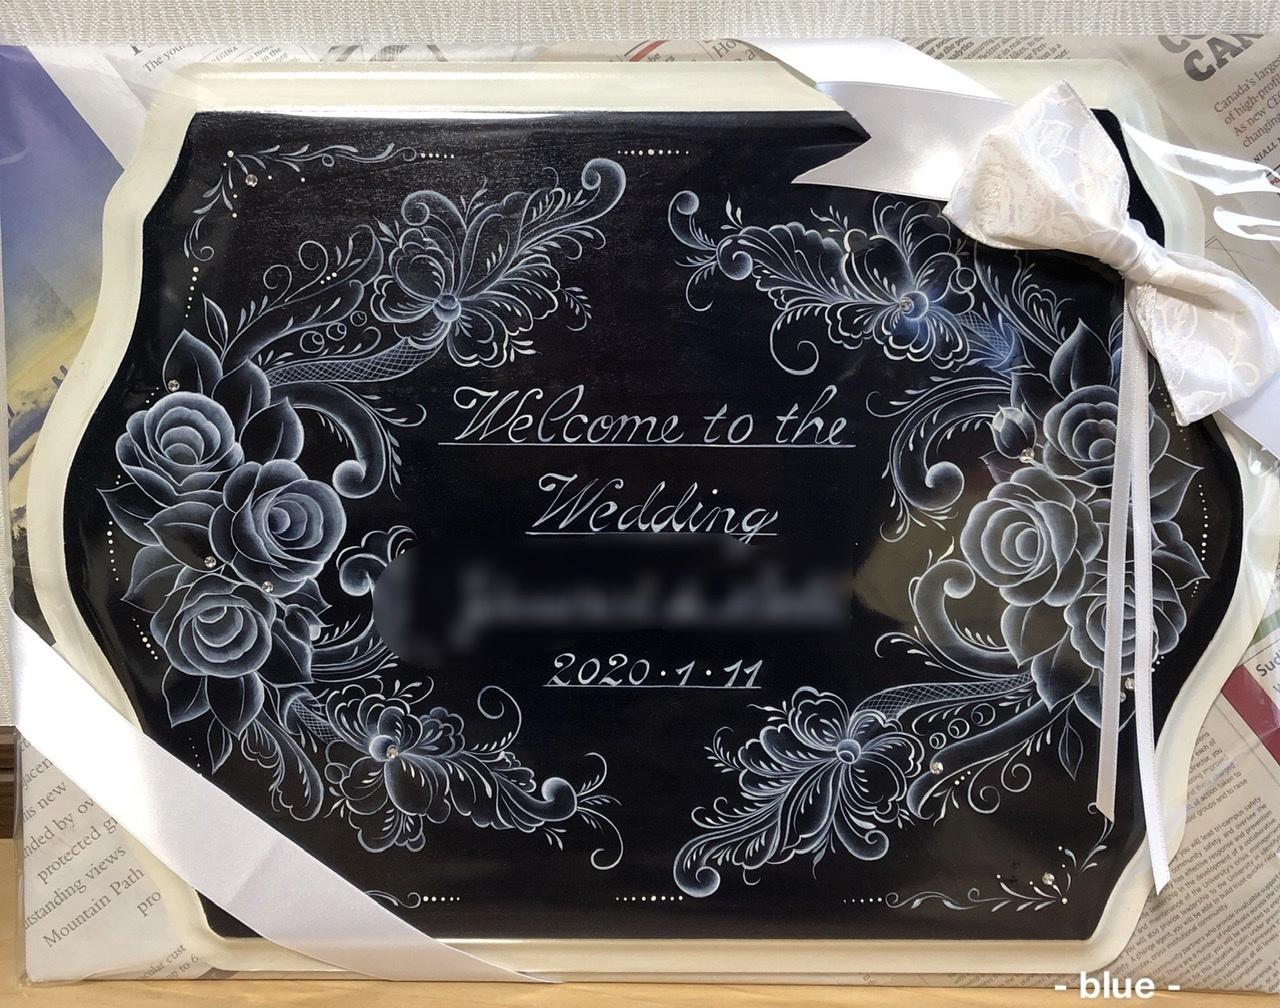 ご結婚おめでとうございます_e0245805_12272059.jpeg